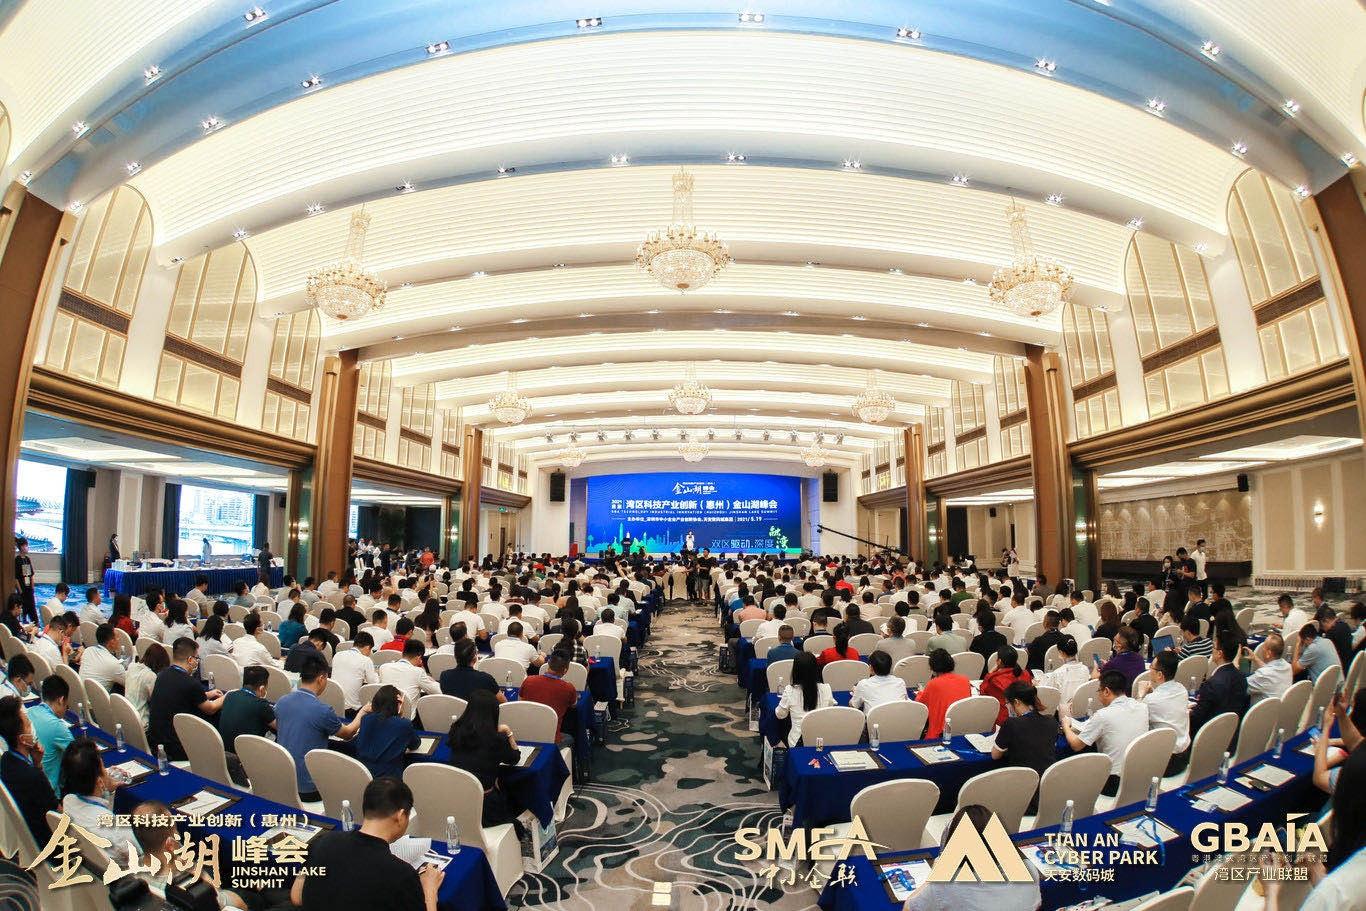 《湾区产业联盟(惠州)科技创新展示中心》正式启动